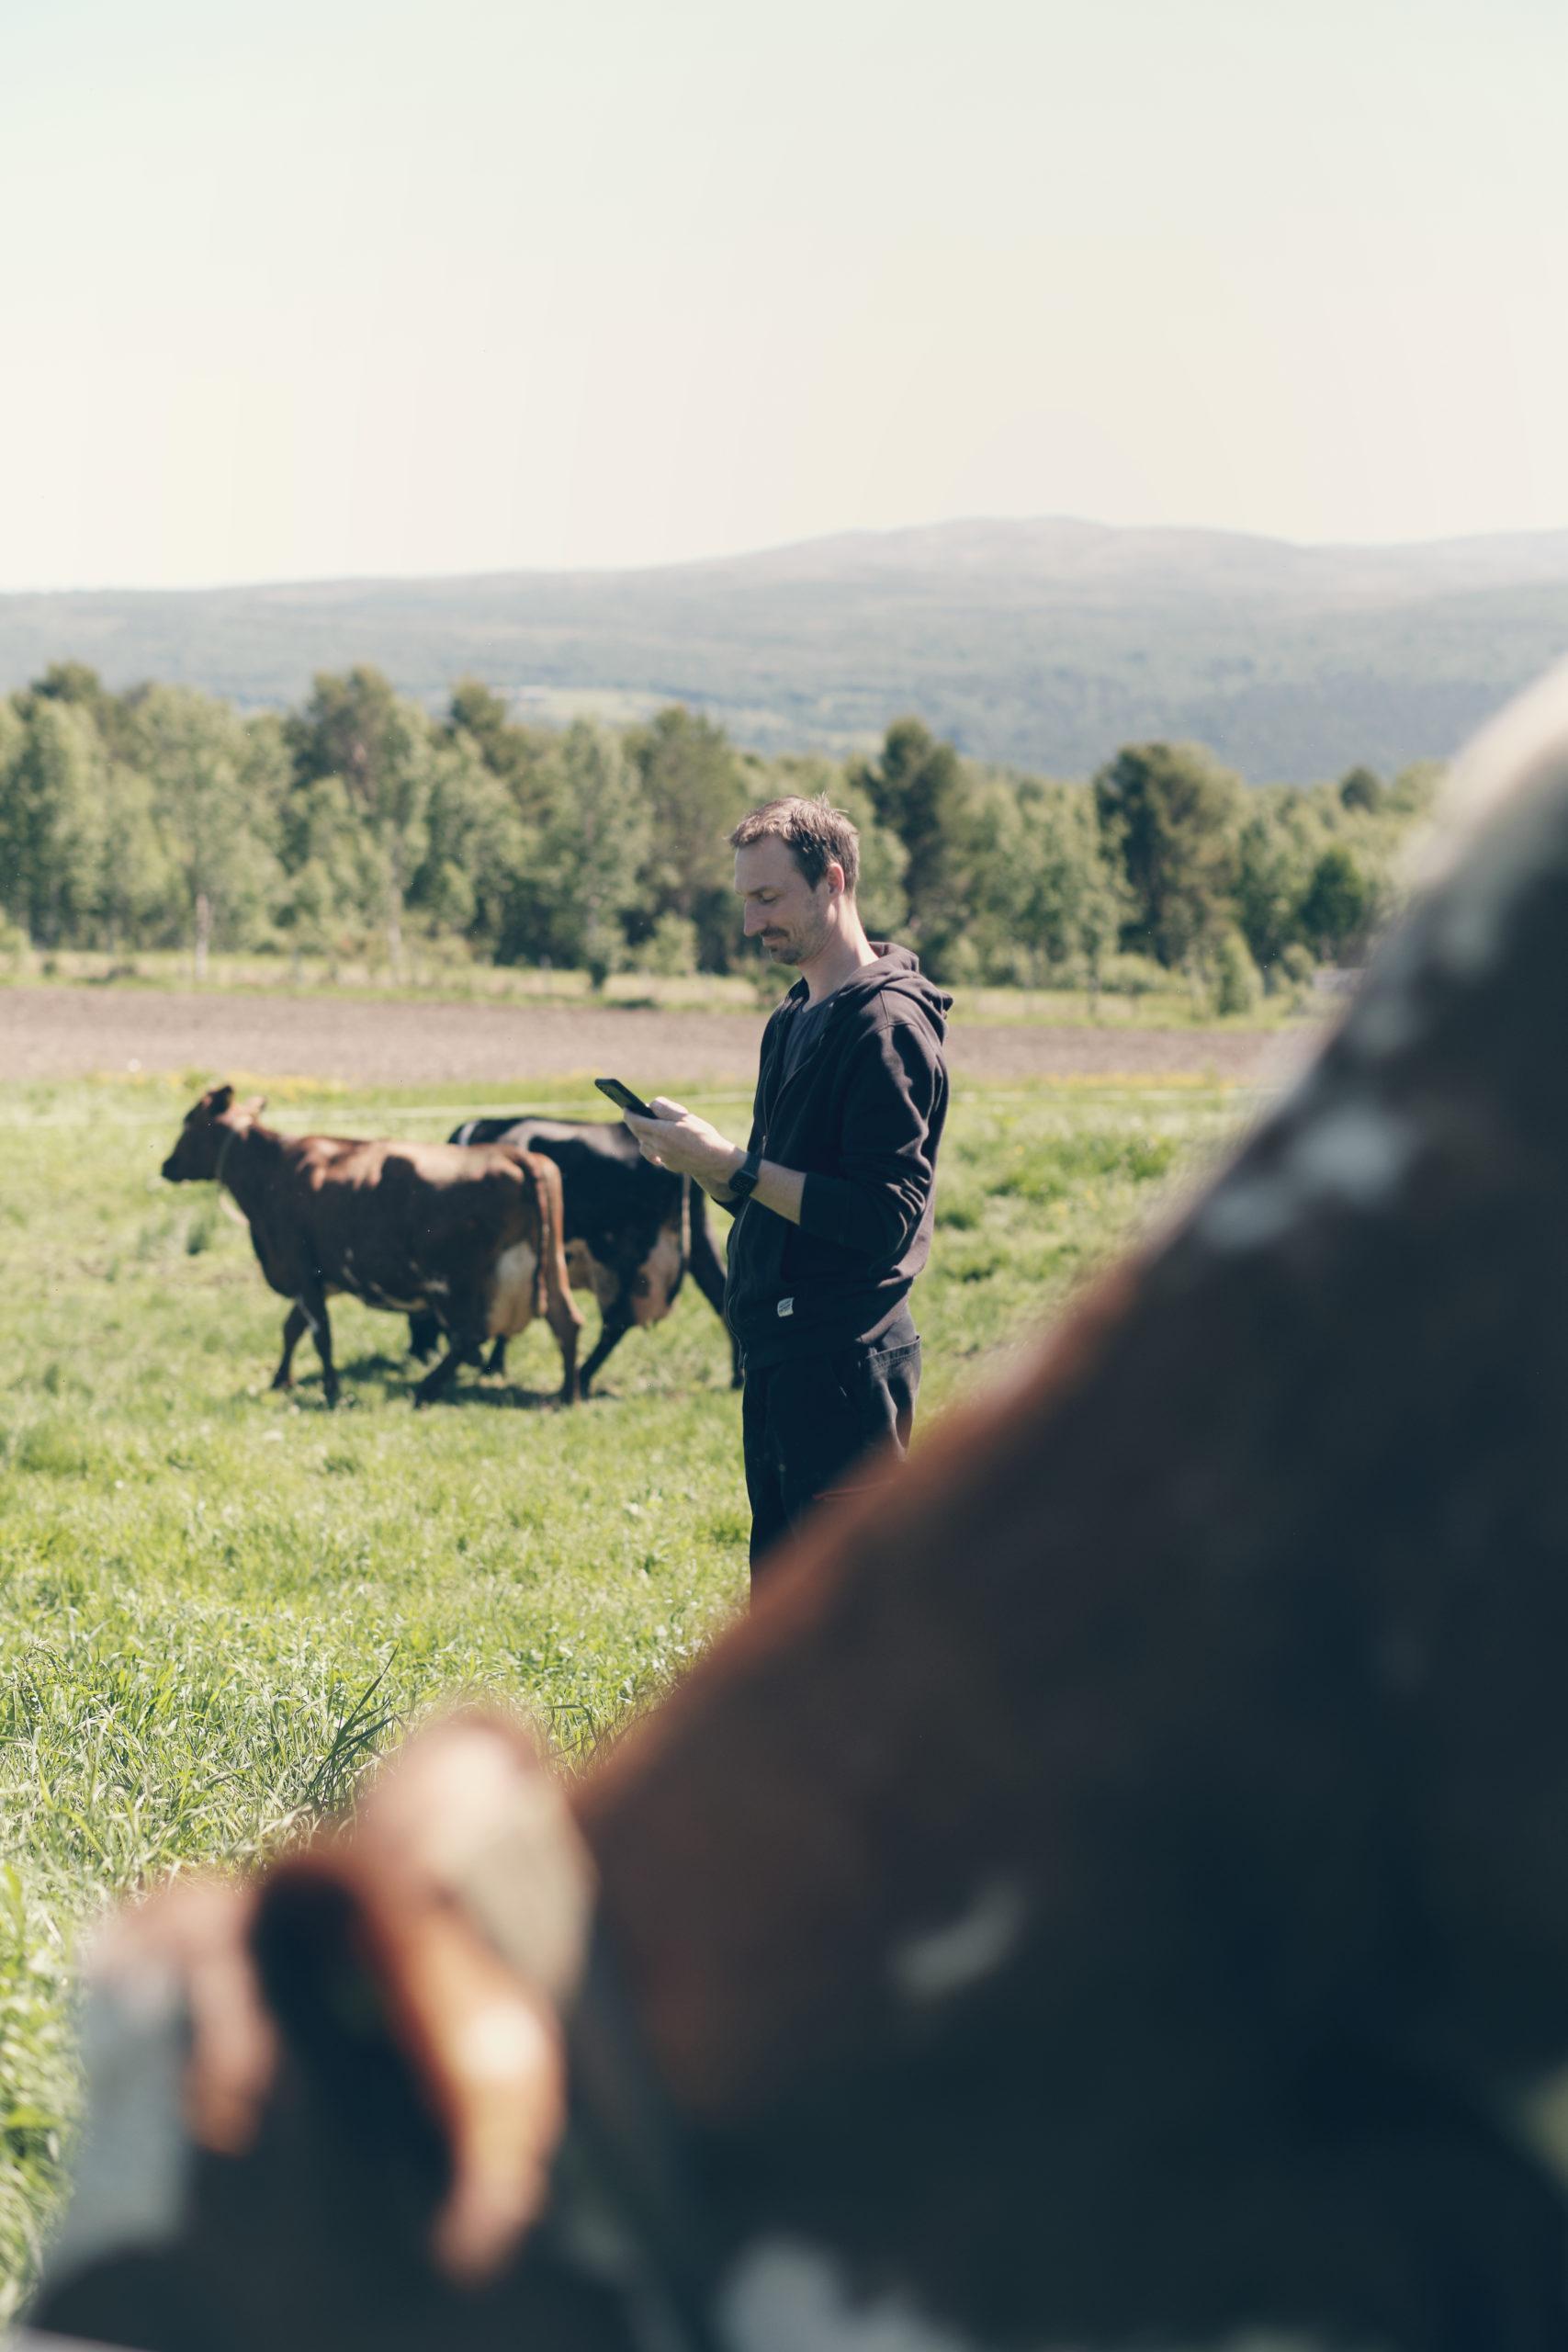 Foto: Produser mer sommermelk. Mjølkeku med Combi Øremerke og SenseHub eSense øretransponder